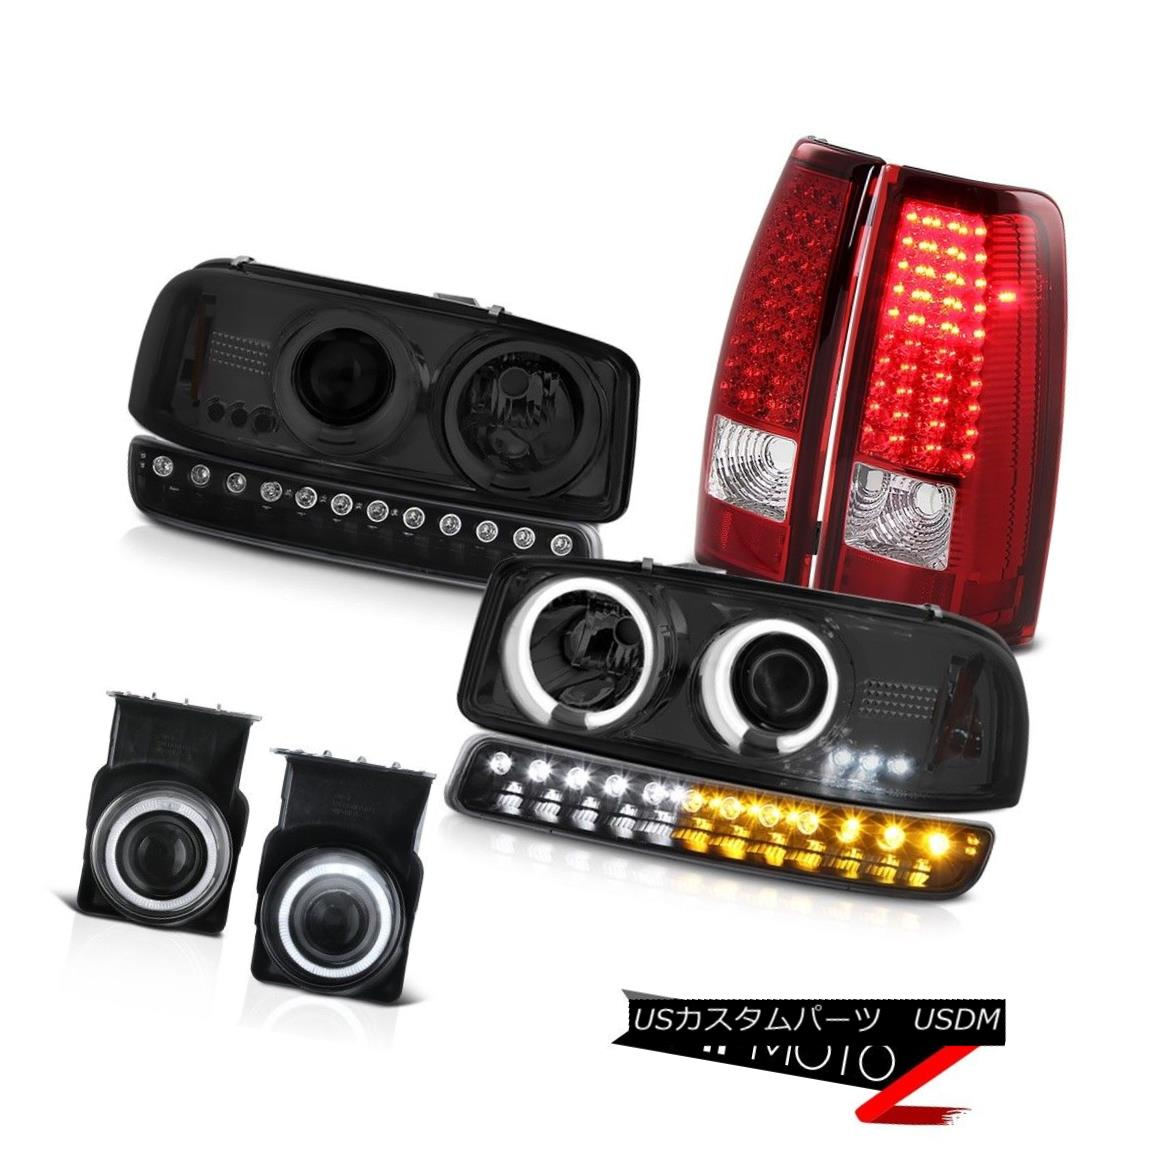 ヘッドライト 03 04 05 06 Sierra 2500HD Fog lamps red tail lights turn signal ccfl headlamps 03 04 05 06 Sierra 2500HDフォグランプ赤いテールライトturn信号ccflヘッドランプ